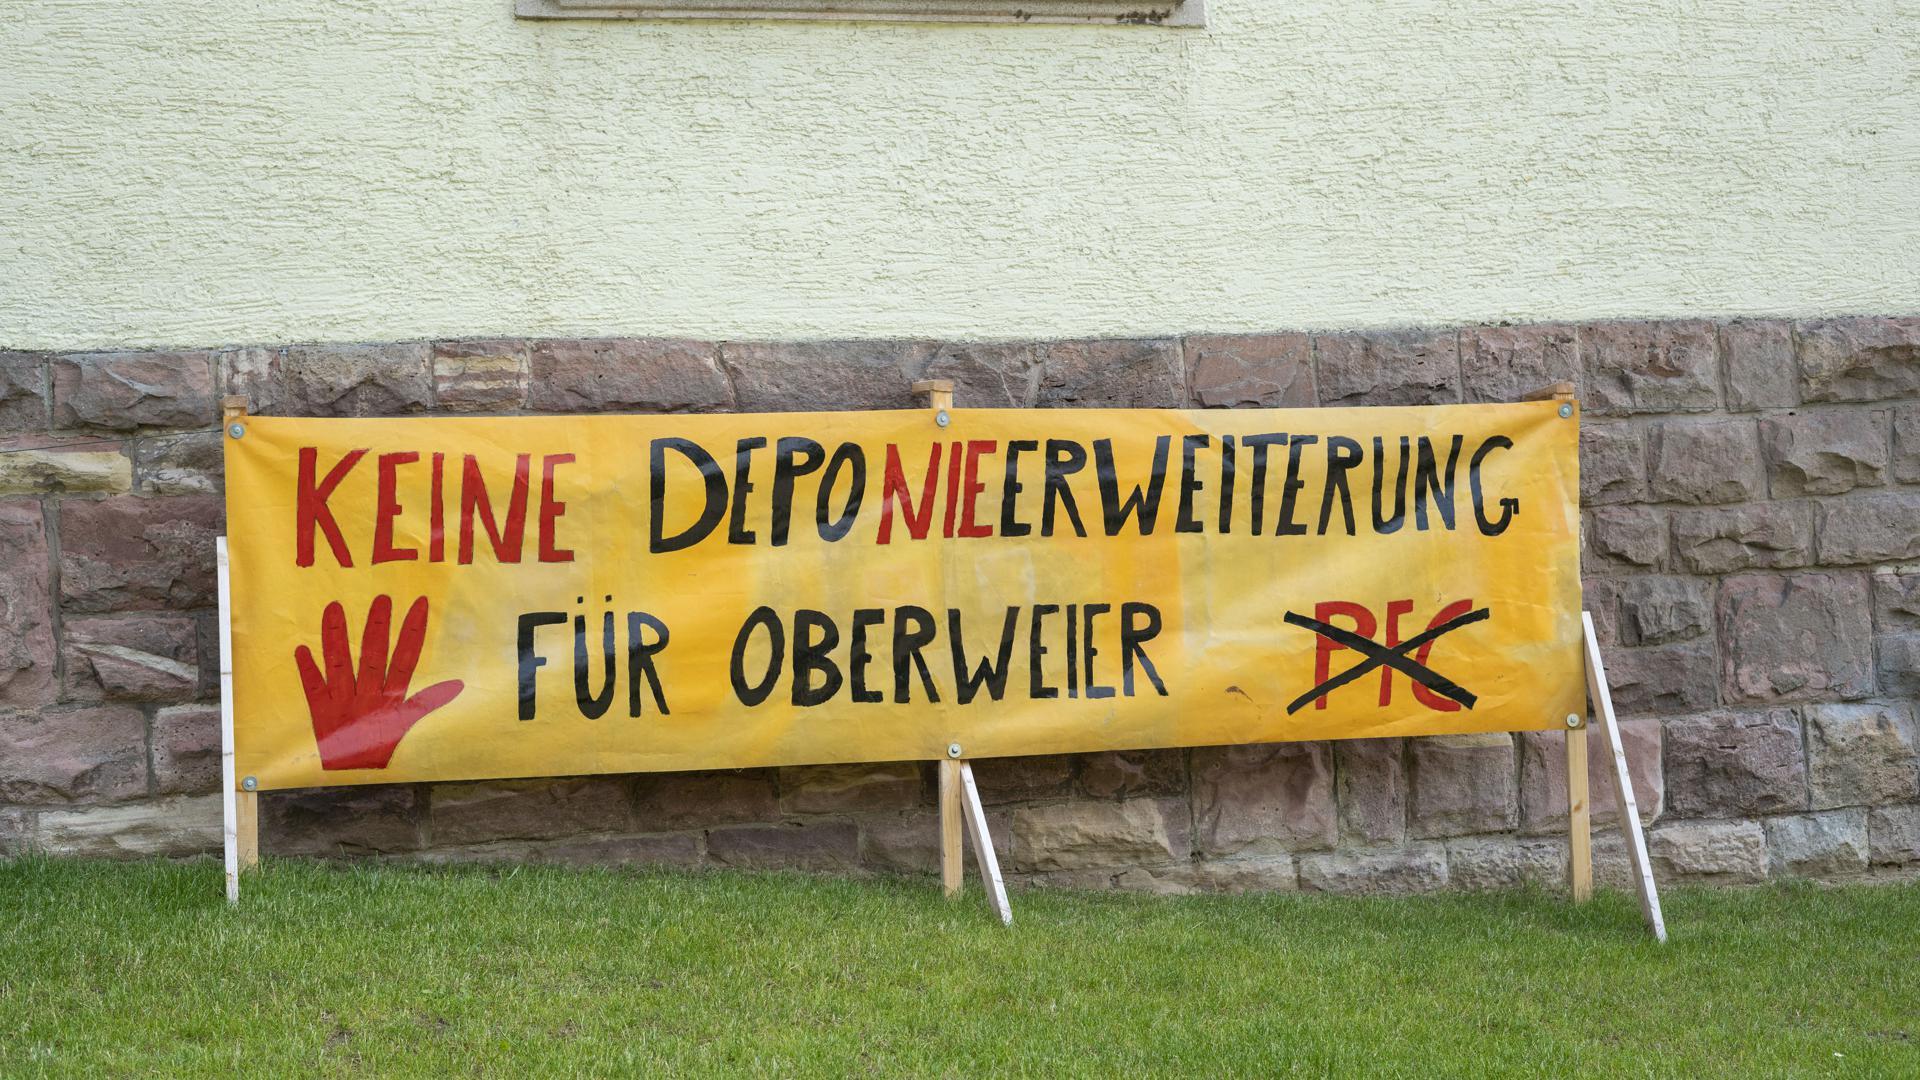 PFC-Frage auf Eis: Nicht nur Gaggenau-Oberweier sondern auch die Standortsuche, von der Bühl ebenso betroffen gewesen wäre wie Rheinmünster. Foto: